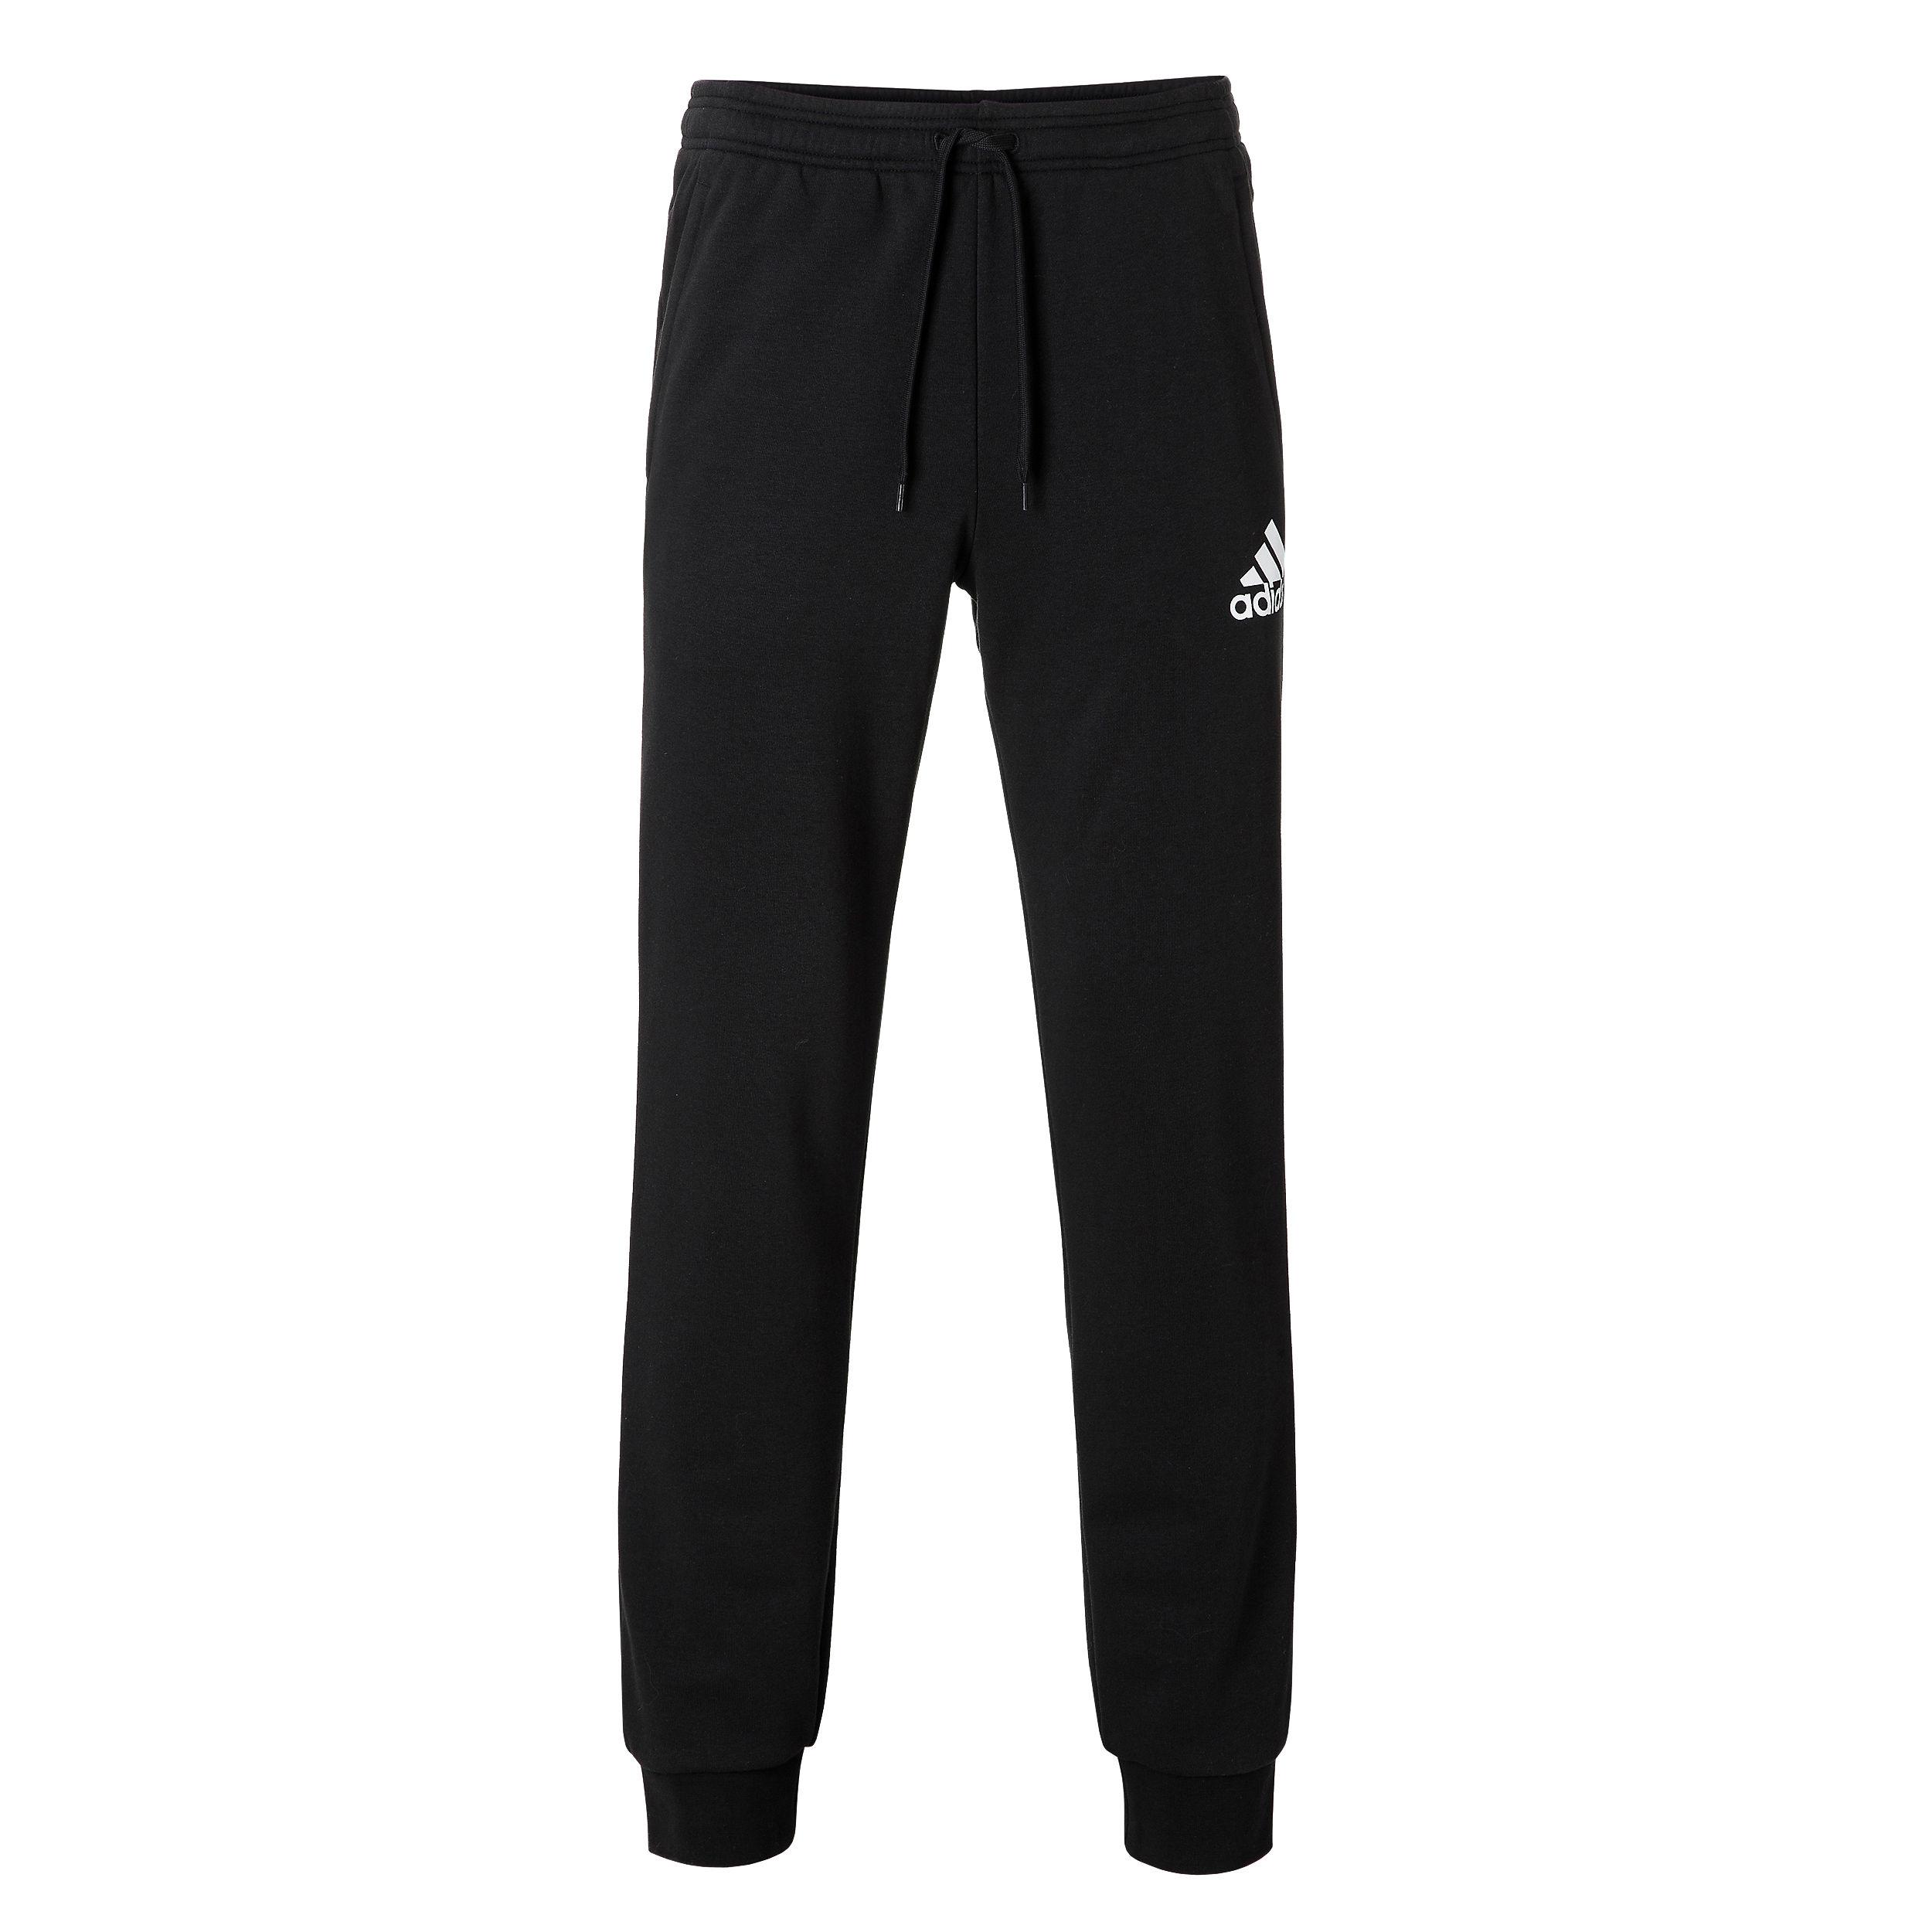 2017-2018 Bayern Munich Adidas Lifestyle Pants (Black)